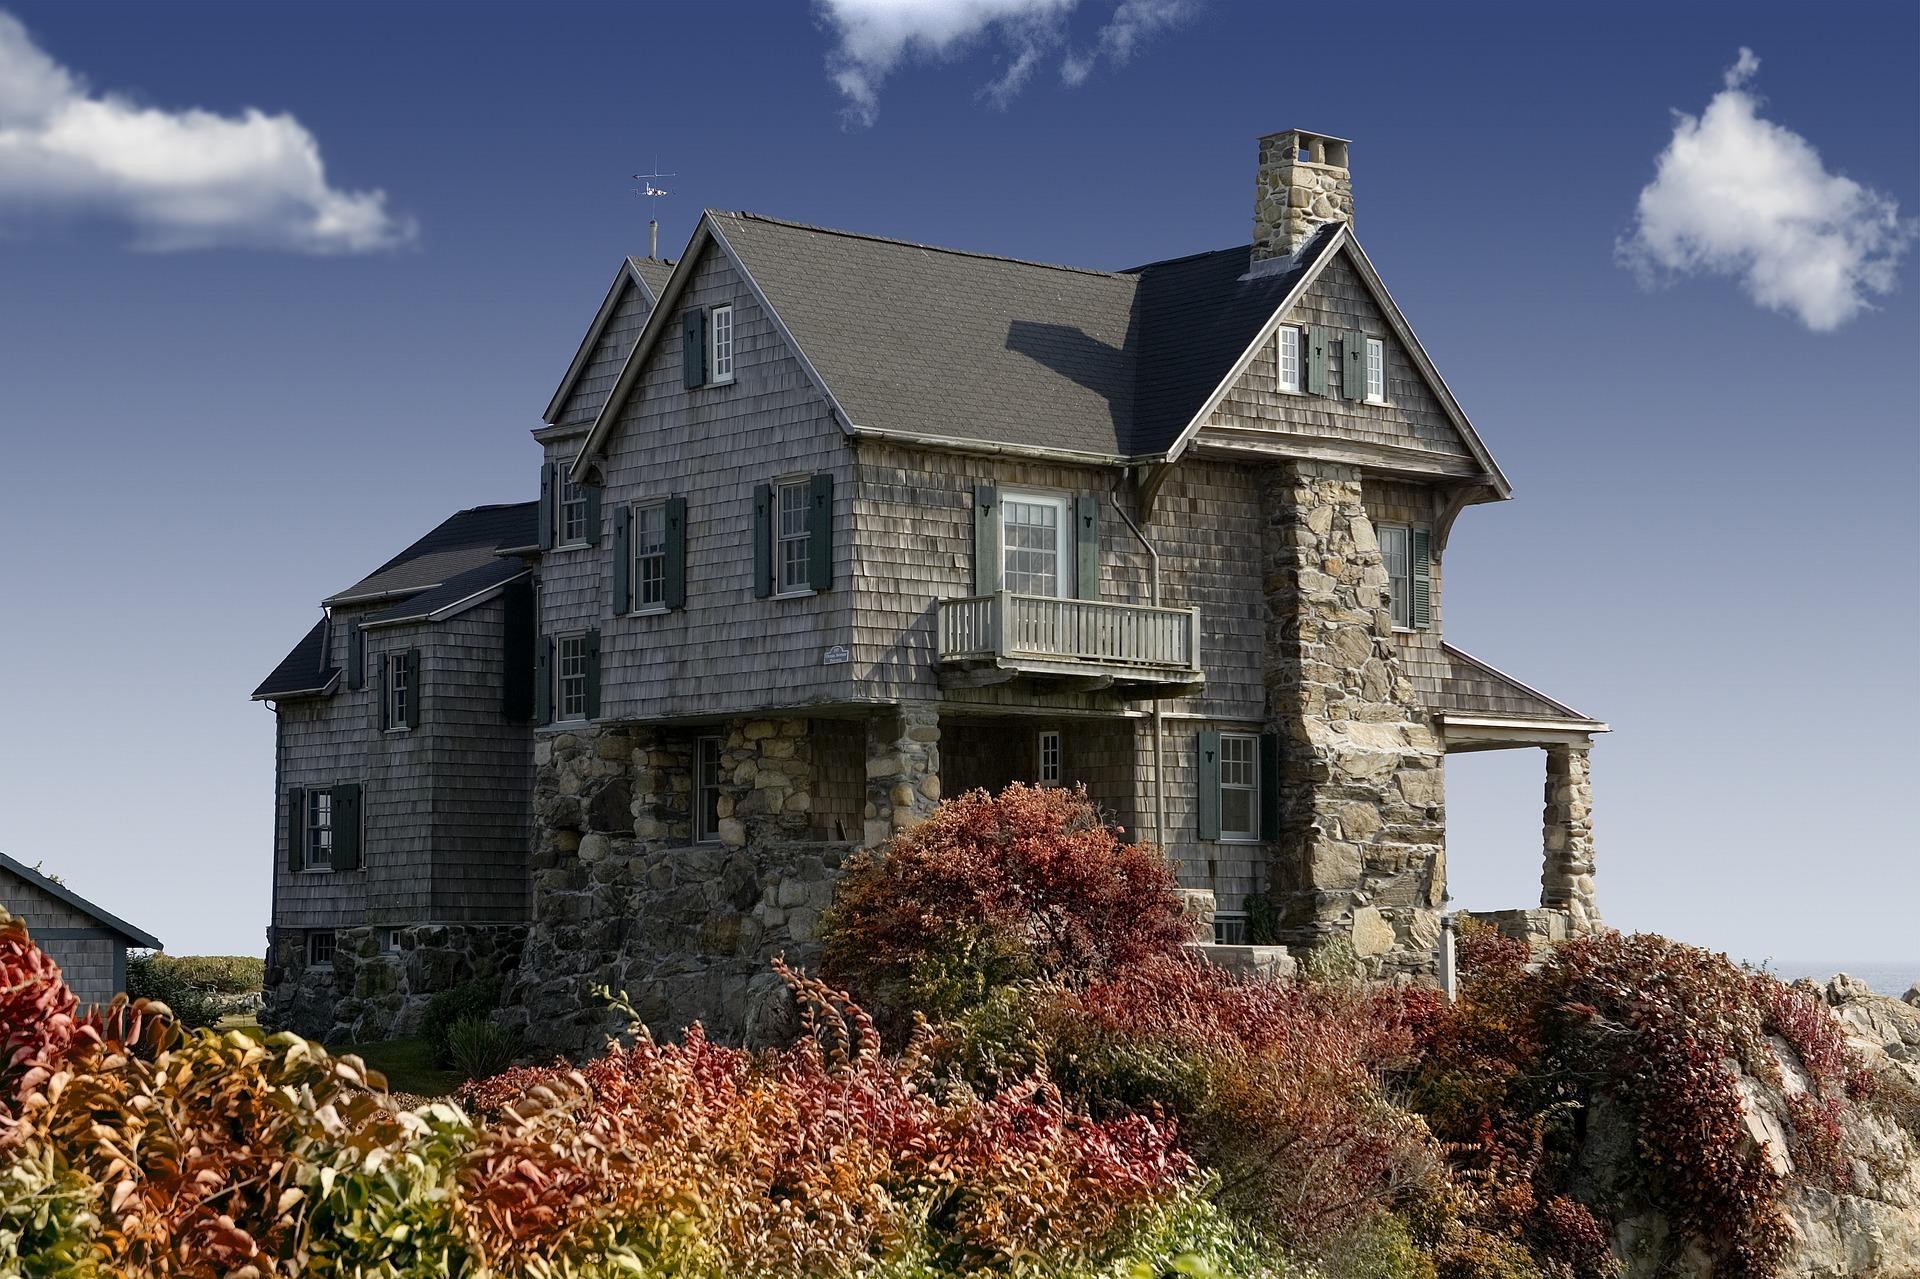 Je lepší mobilheim nebo klasický dům?